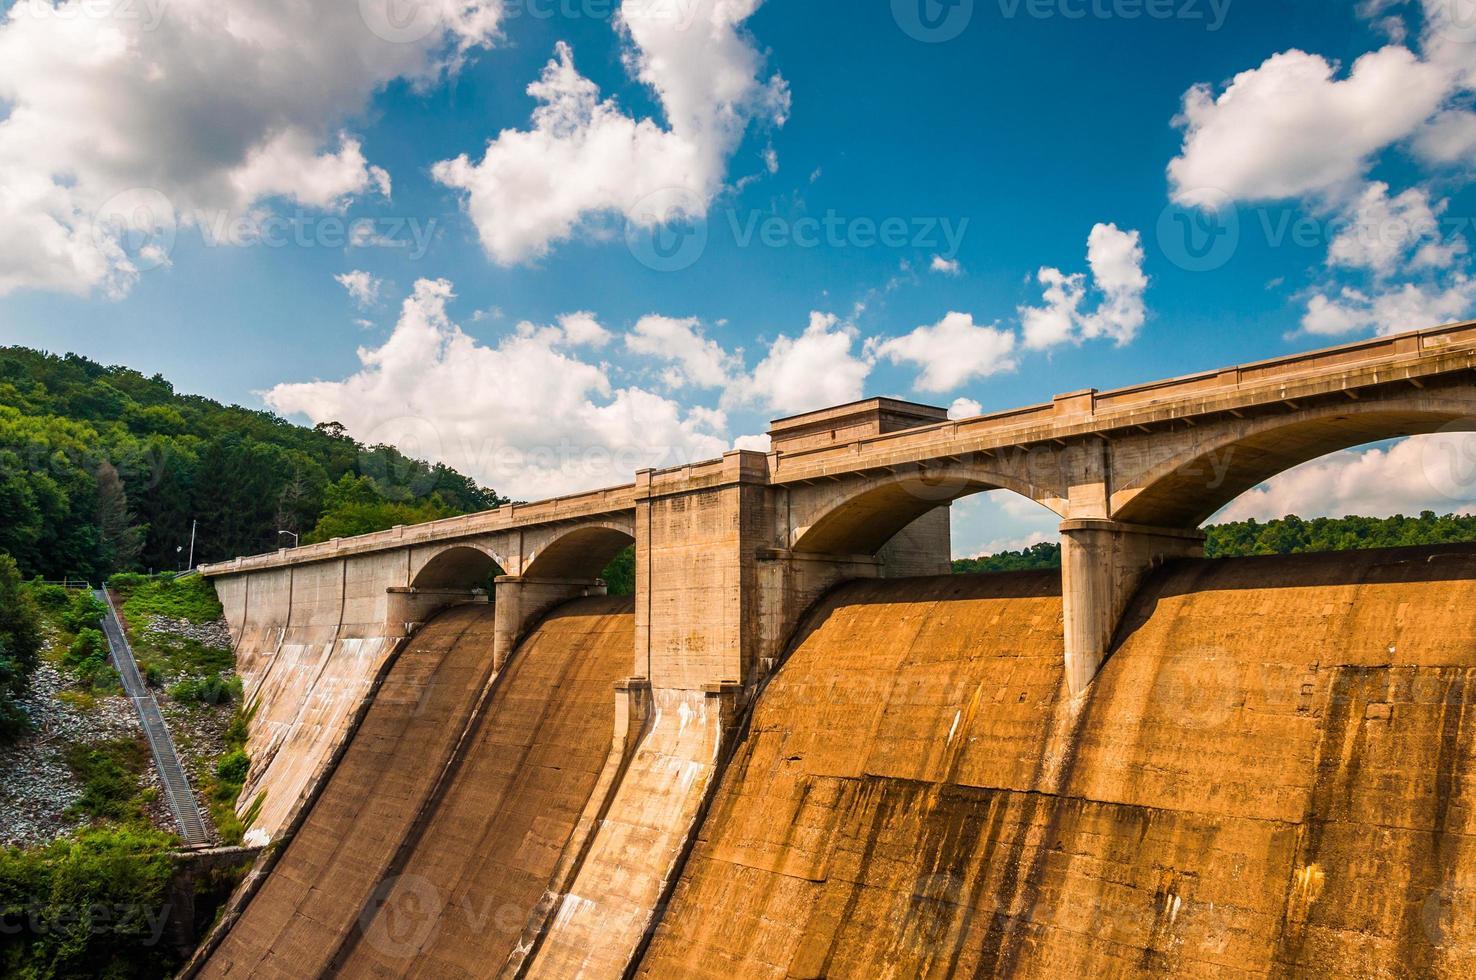 Wolken über dem Prettyboy-Damm in Baltimore County, Maryland. foto